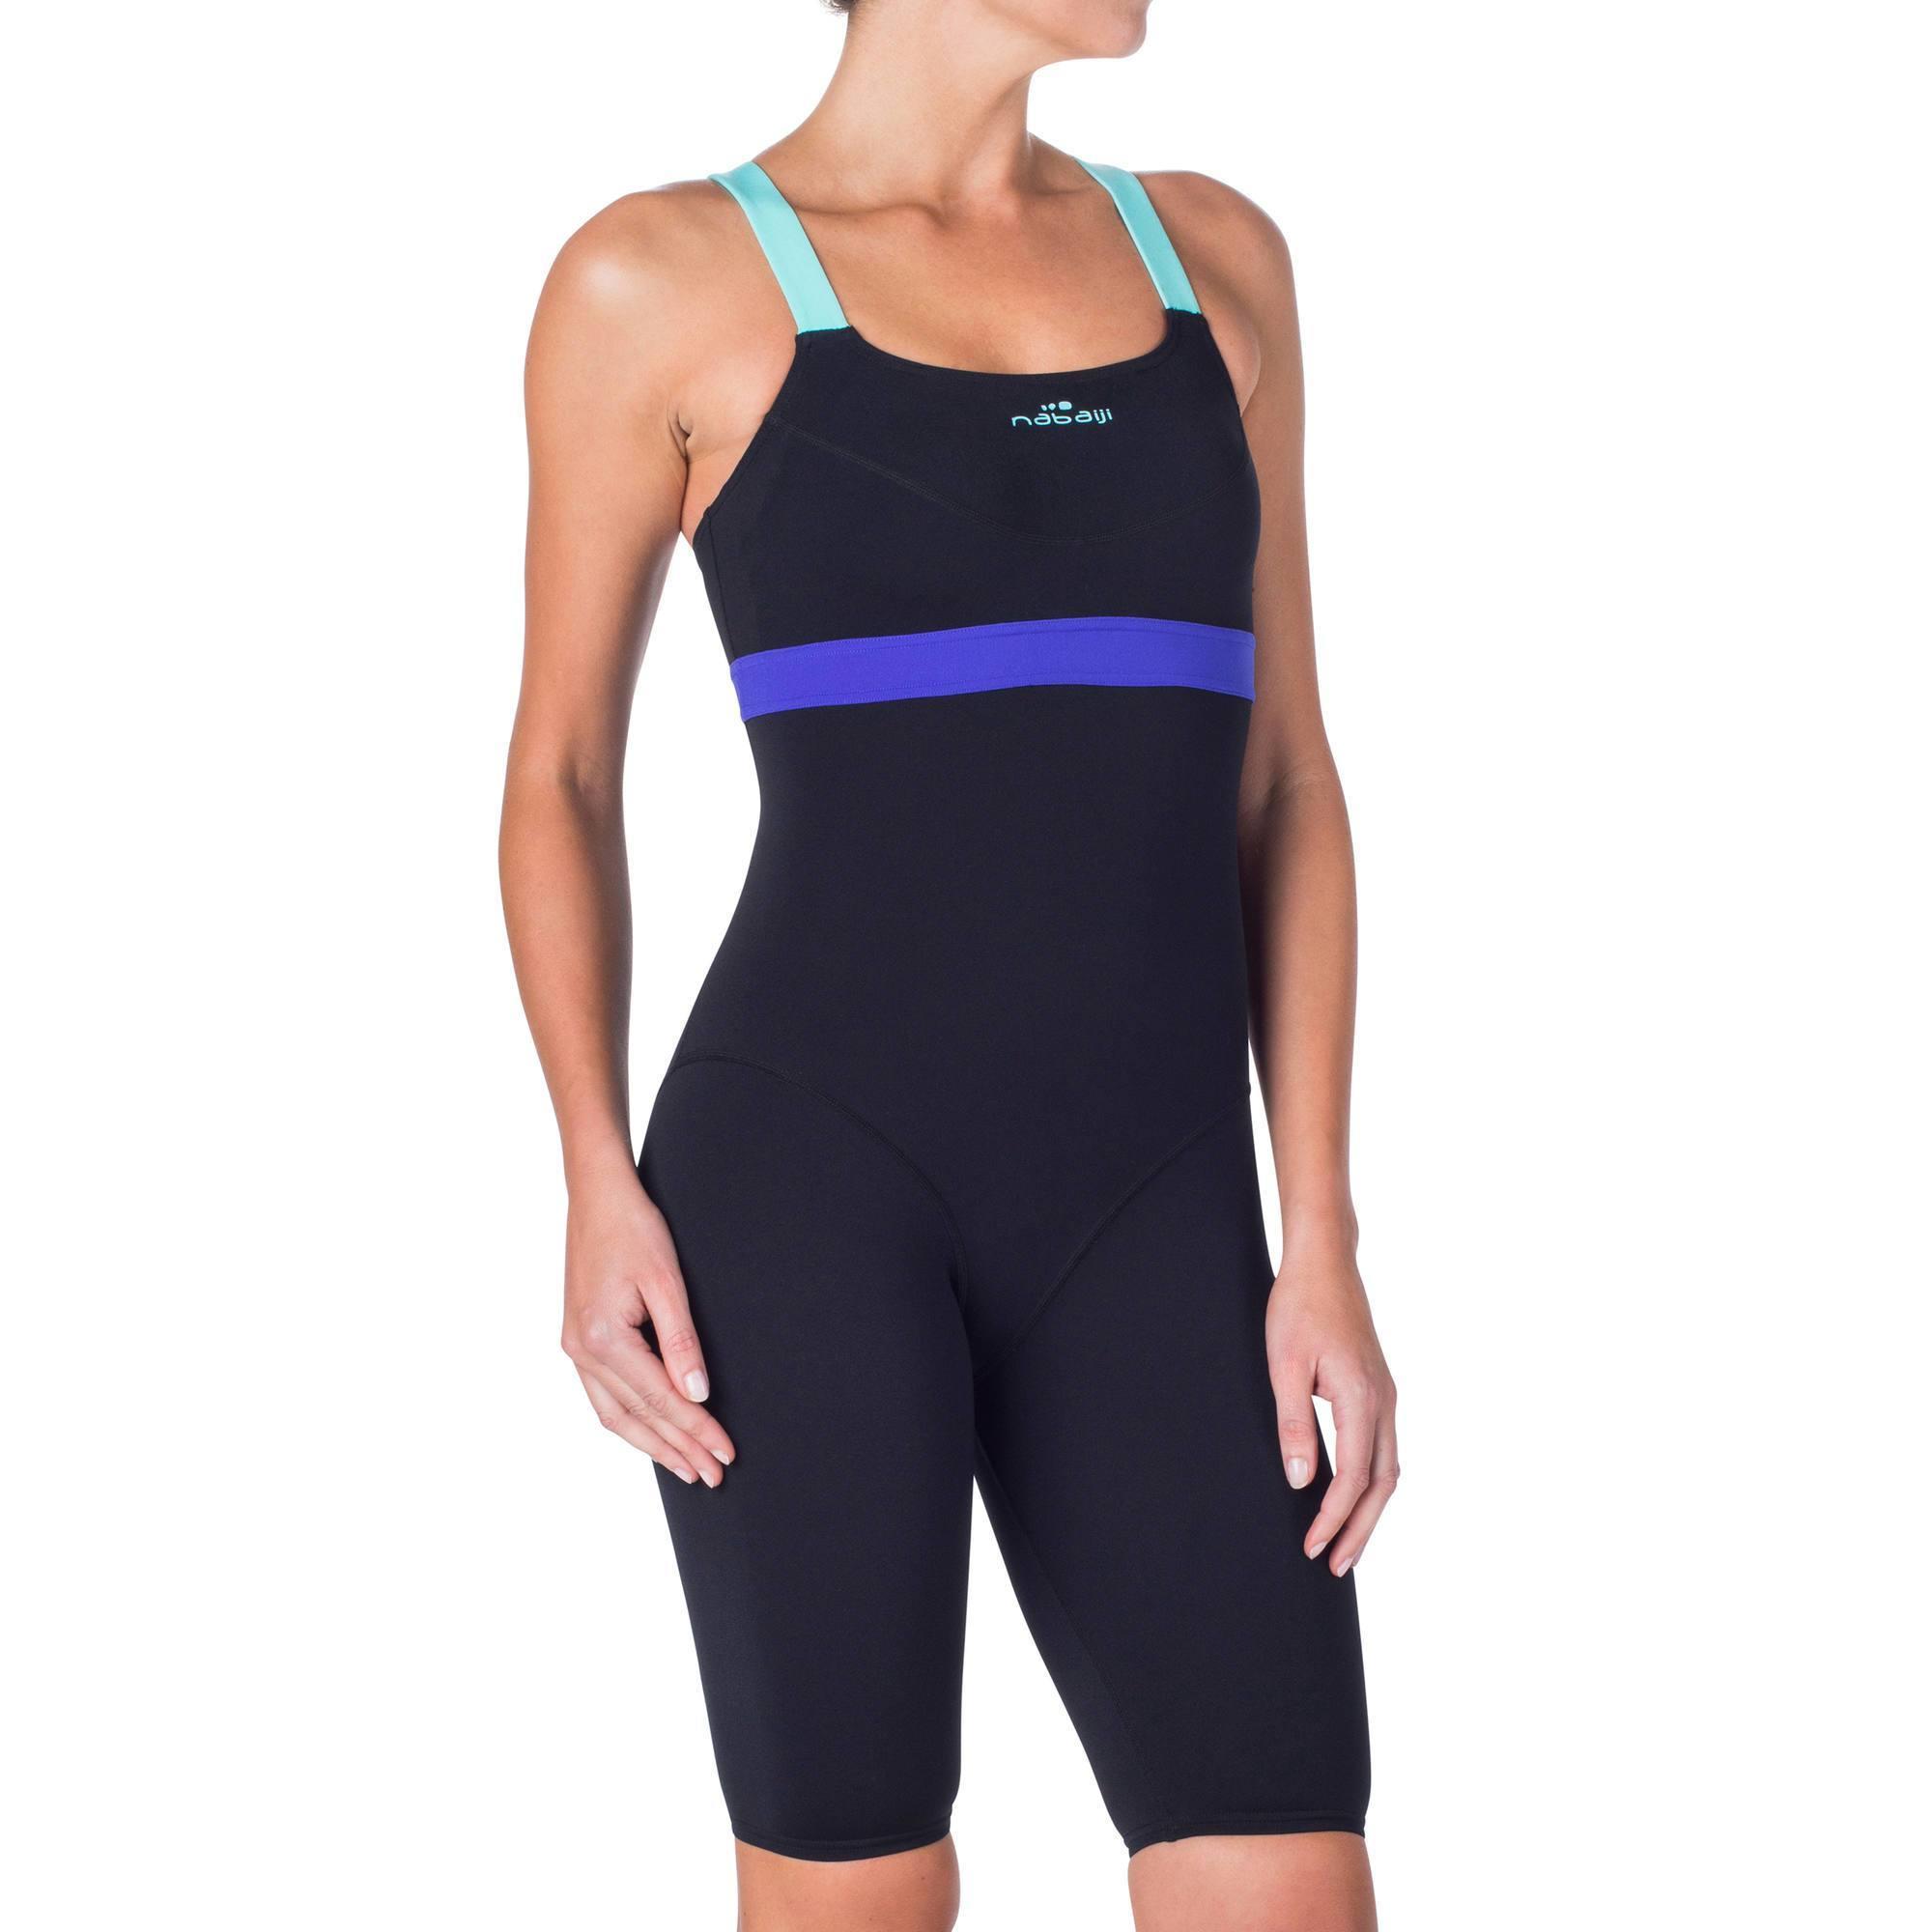 Short de bain noir femme decathlon - Vetement fitness et mode 781207f4cd8